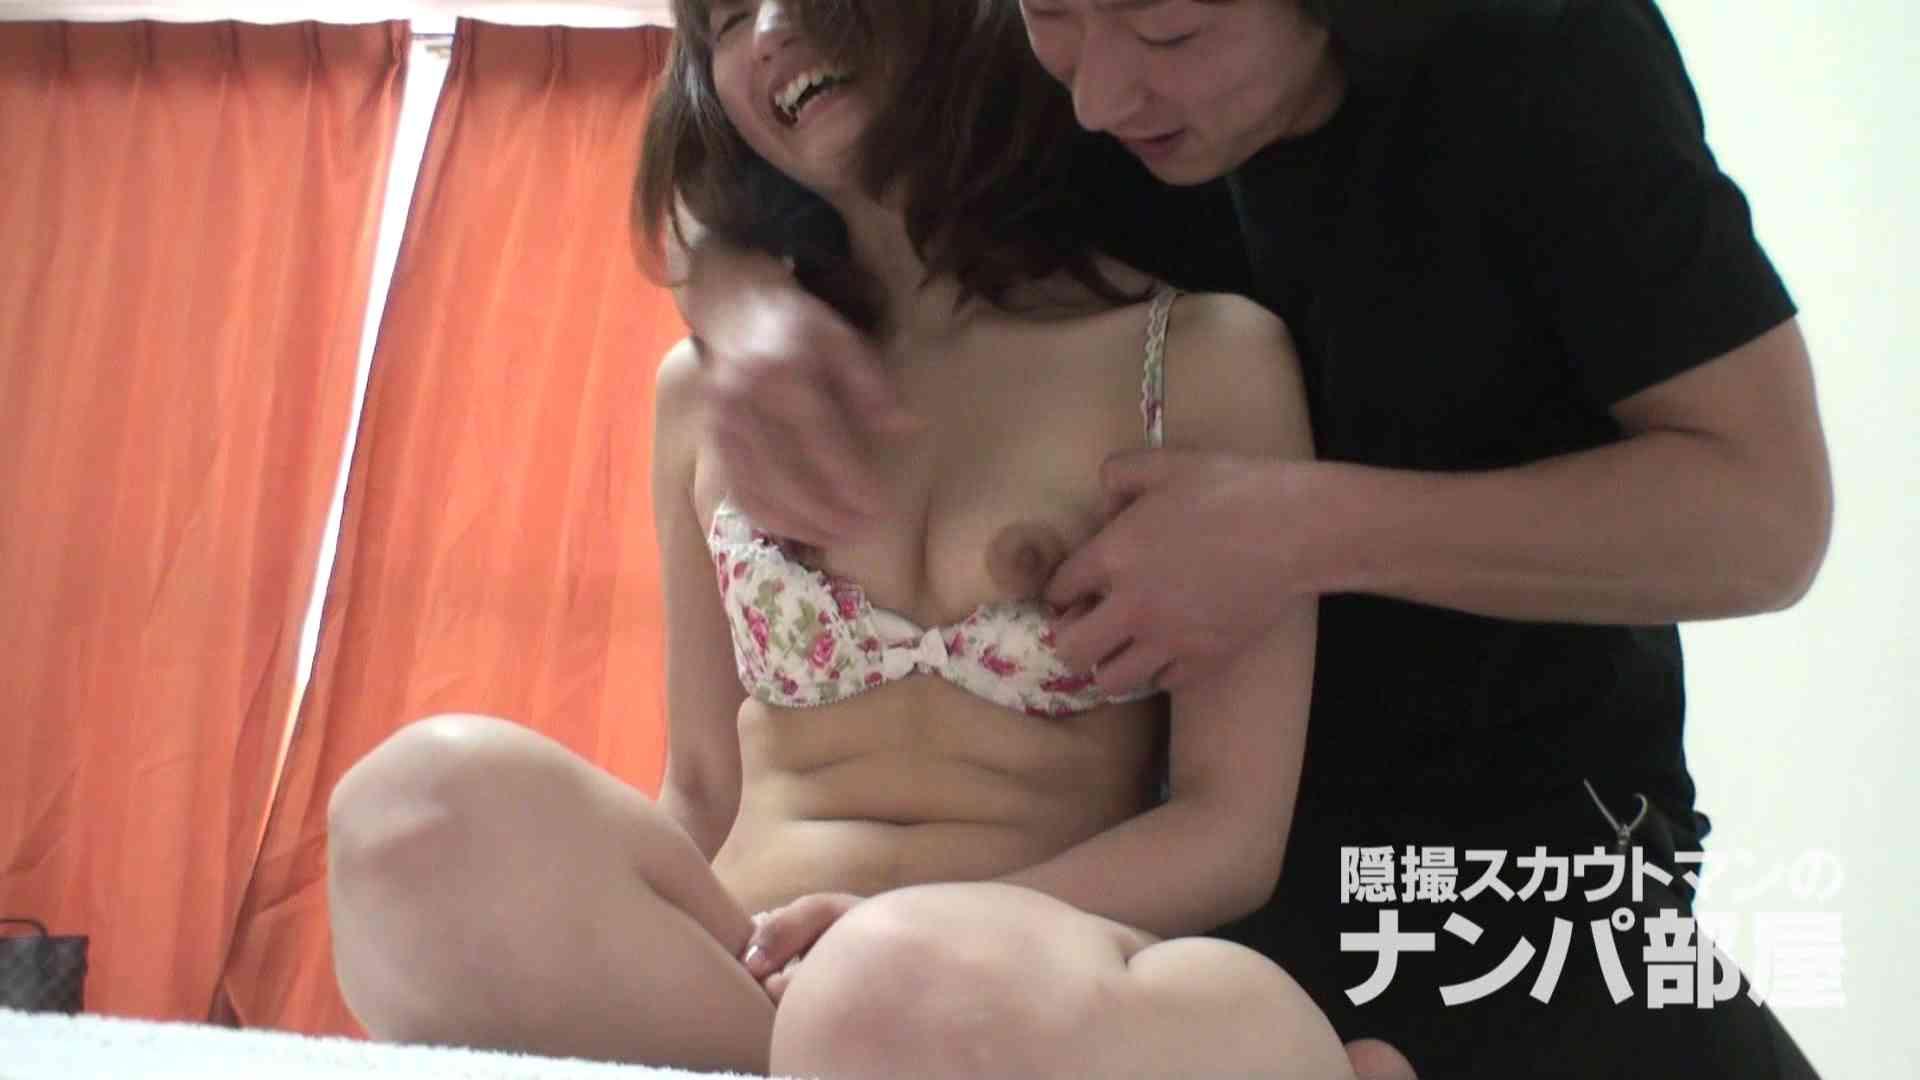 隠撮スカウトマンのナンパ部屋~風俗デビュー前のつまみ食い~ siivol.2 OL | 脱衣所  61連発 42